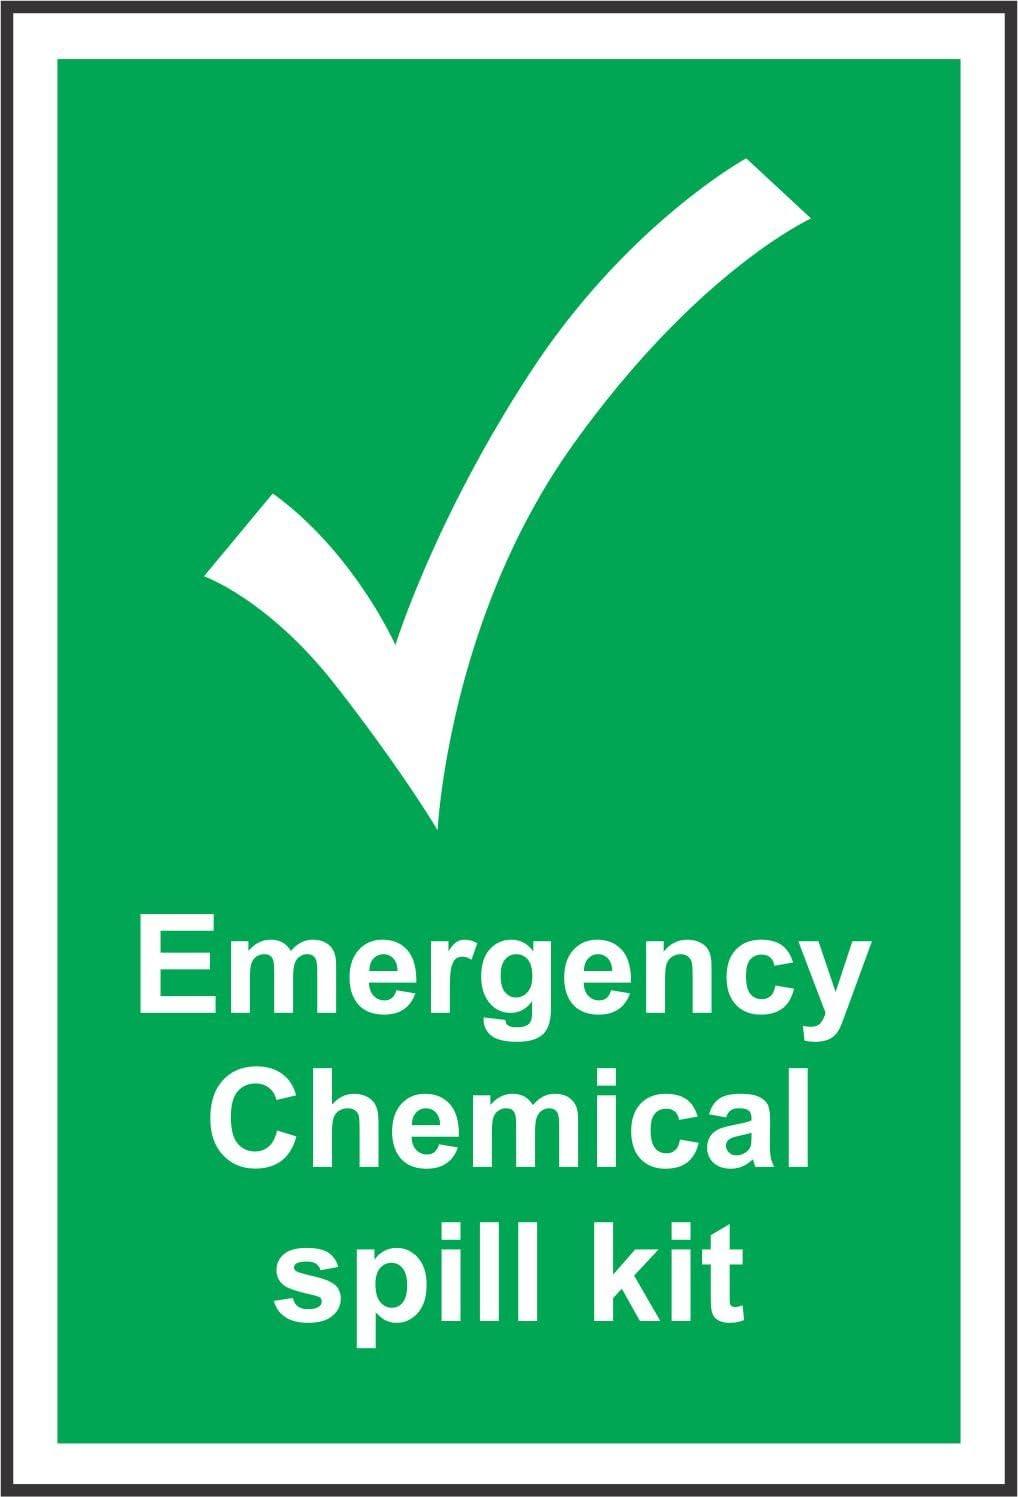 Etiqueta - Seguridad - Advertencia - Señales de emergencia Kit de derrames químicos Señal de seguridad - 20x15cm - oficina, empresa, escuela, hotel